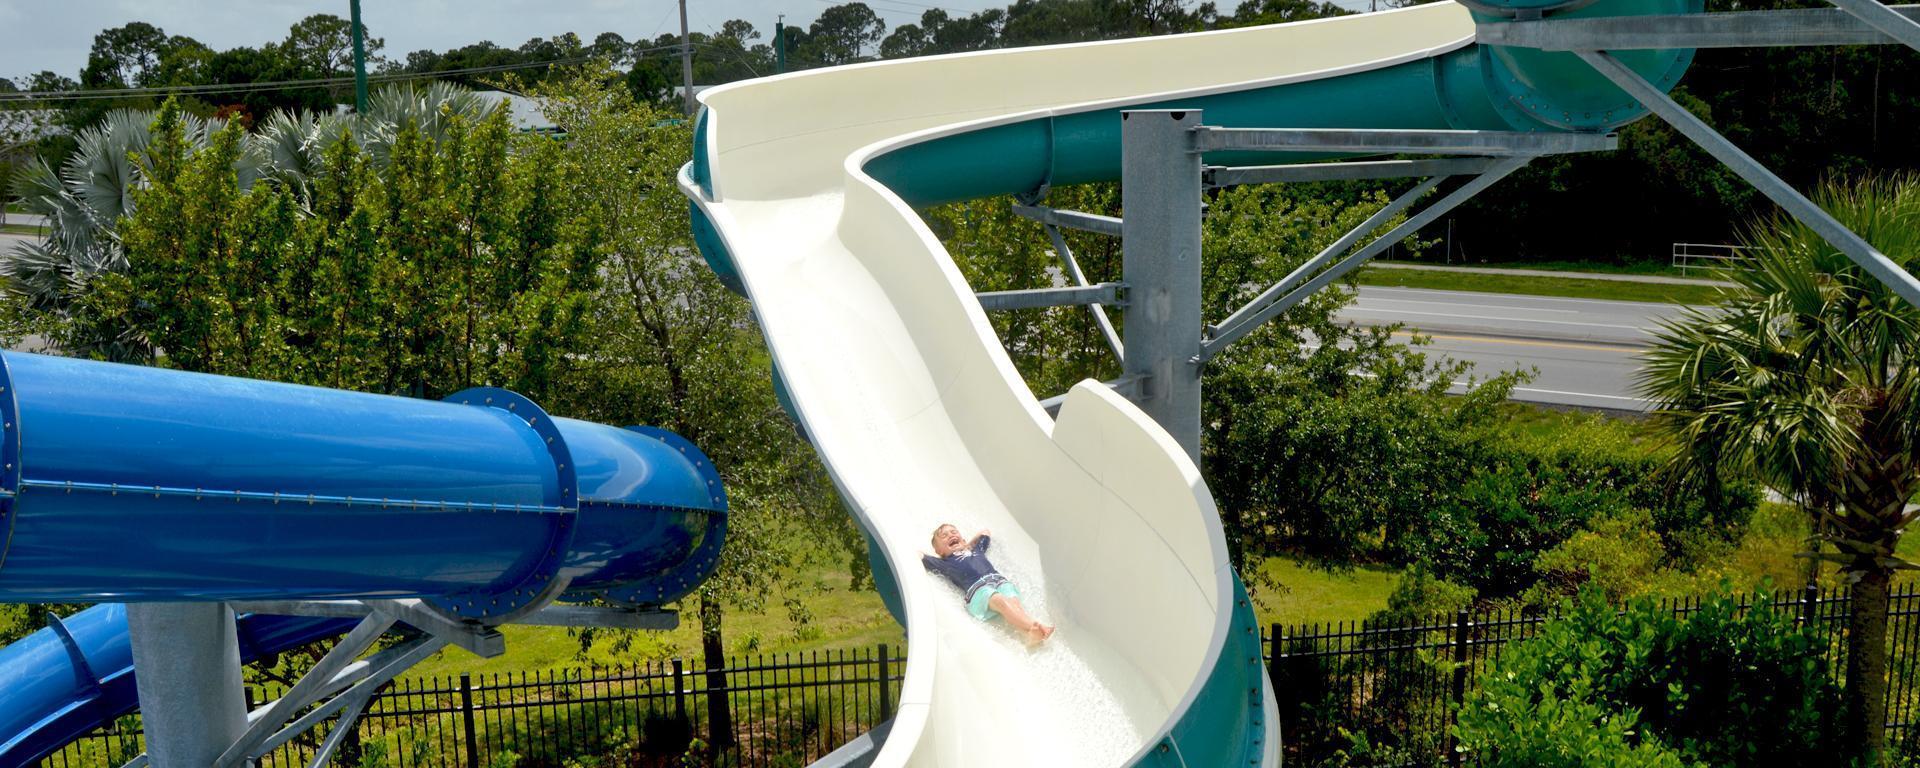 Speed slide attraction